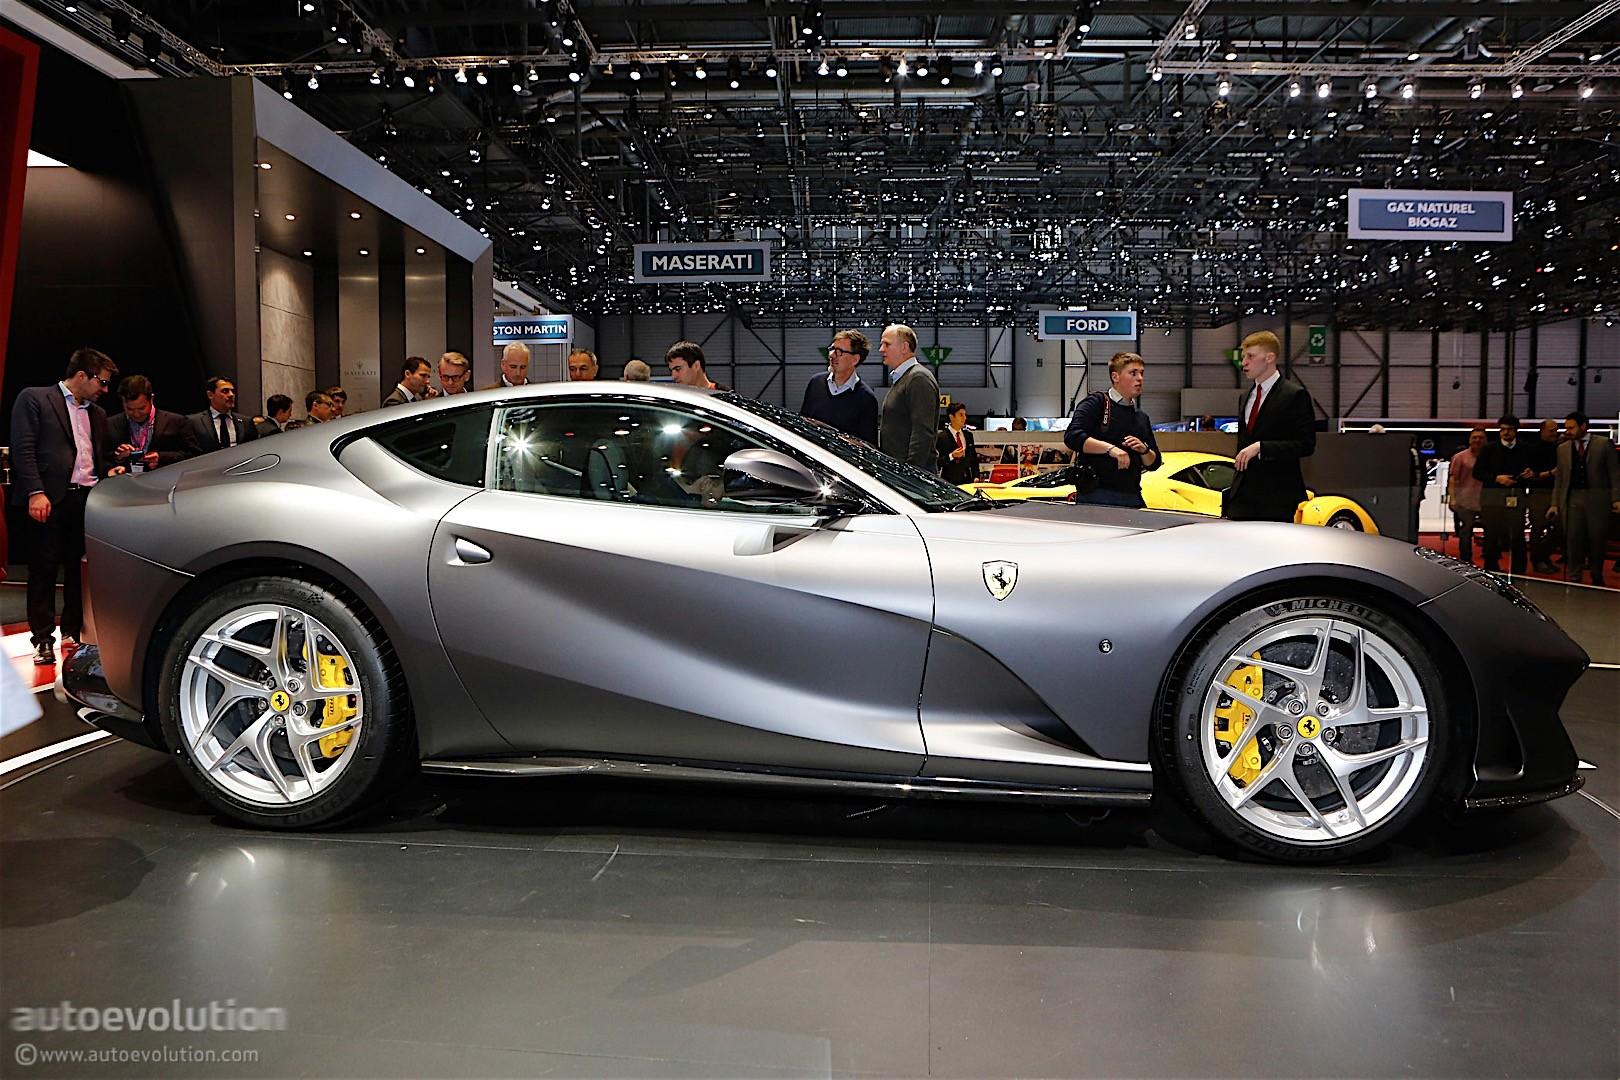 Universo Ferrari 2019 The F8 Tributo Spider And 812 Gts Are